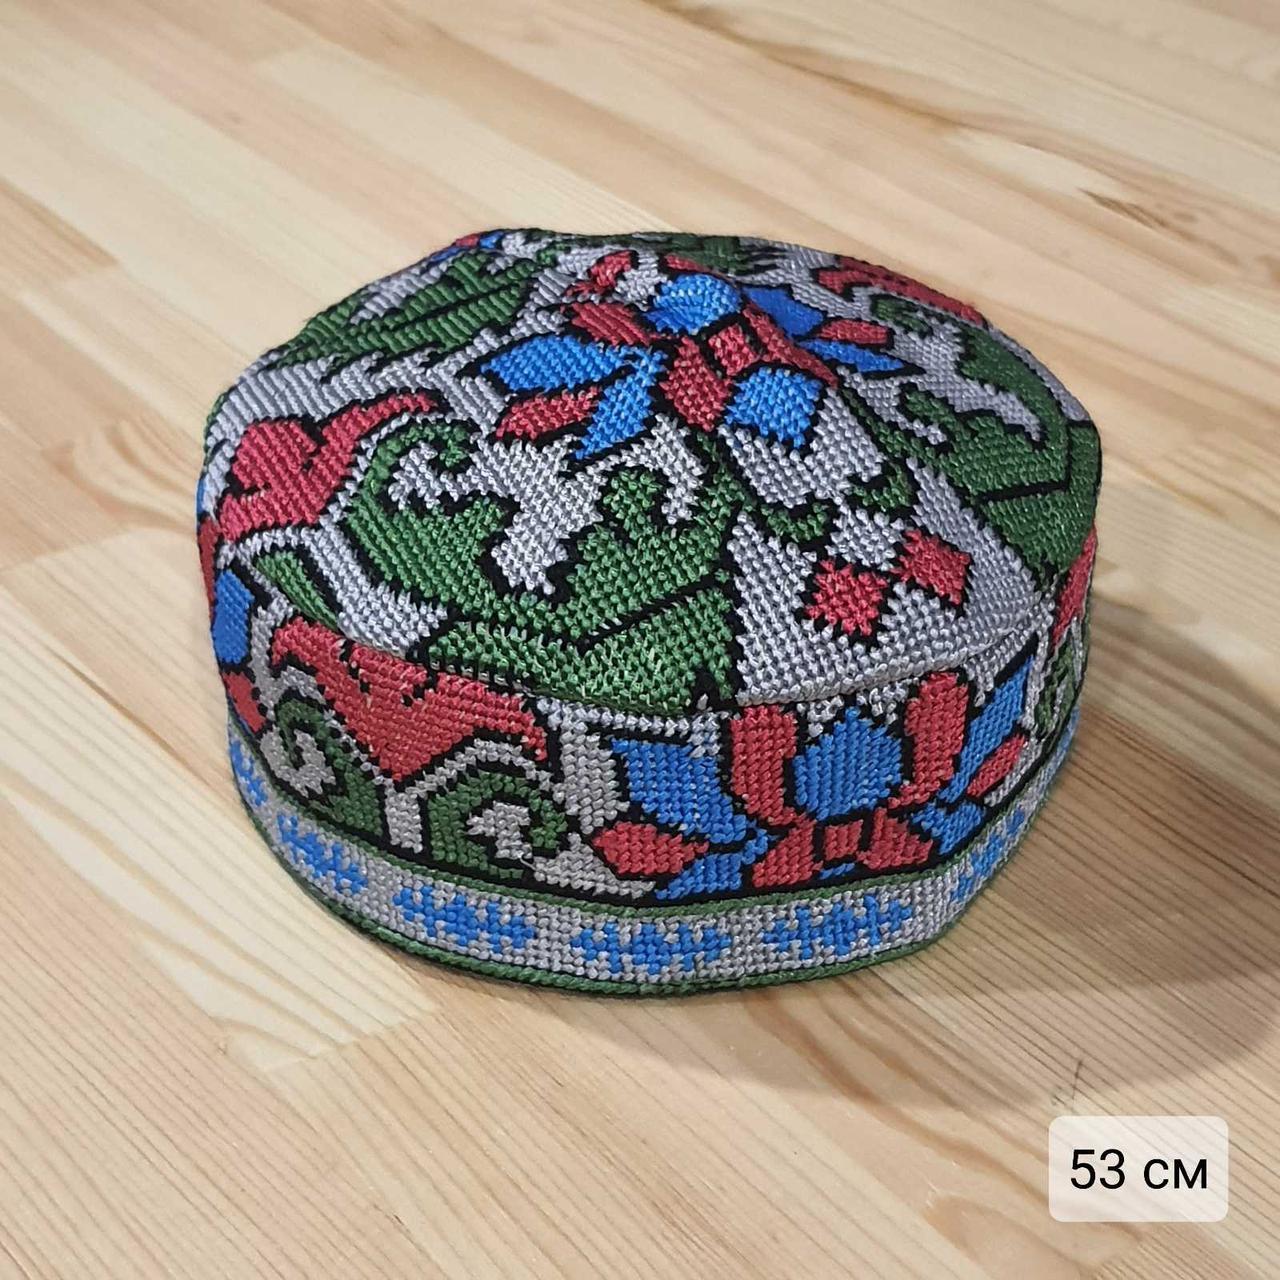 Узбекская тюбетейка 53 см. Ручная вышивка. Узбекистан (53_5)